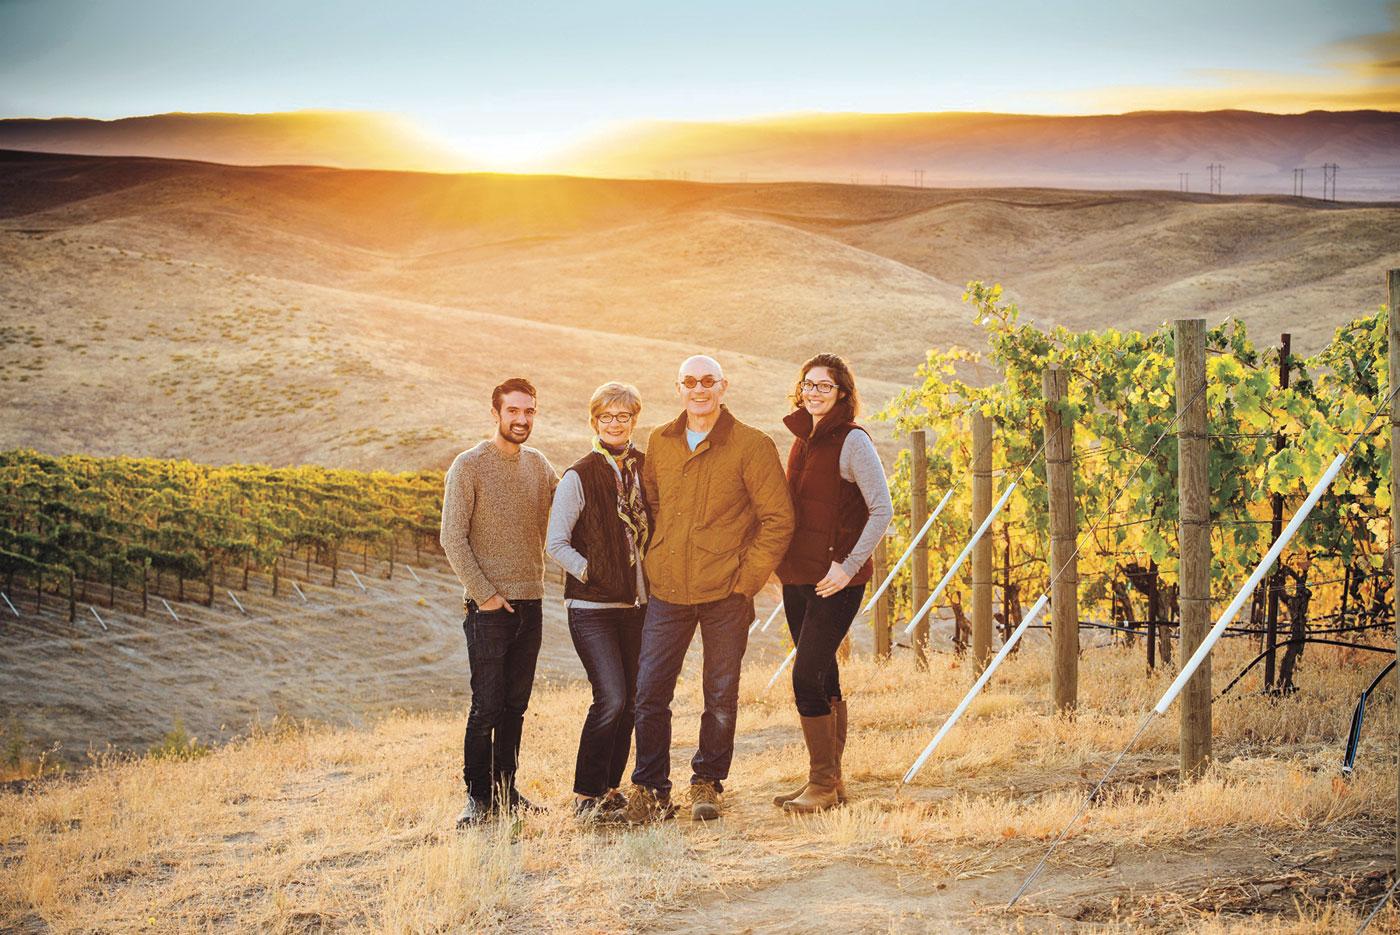 Sager Small, Darcey Fugman-Small, Rick Small, and Jordan Dunn-Small in a Woodward Canyon vineyard